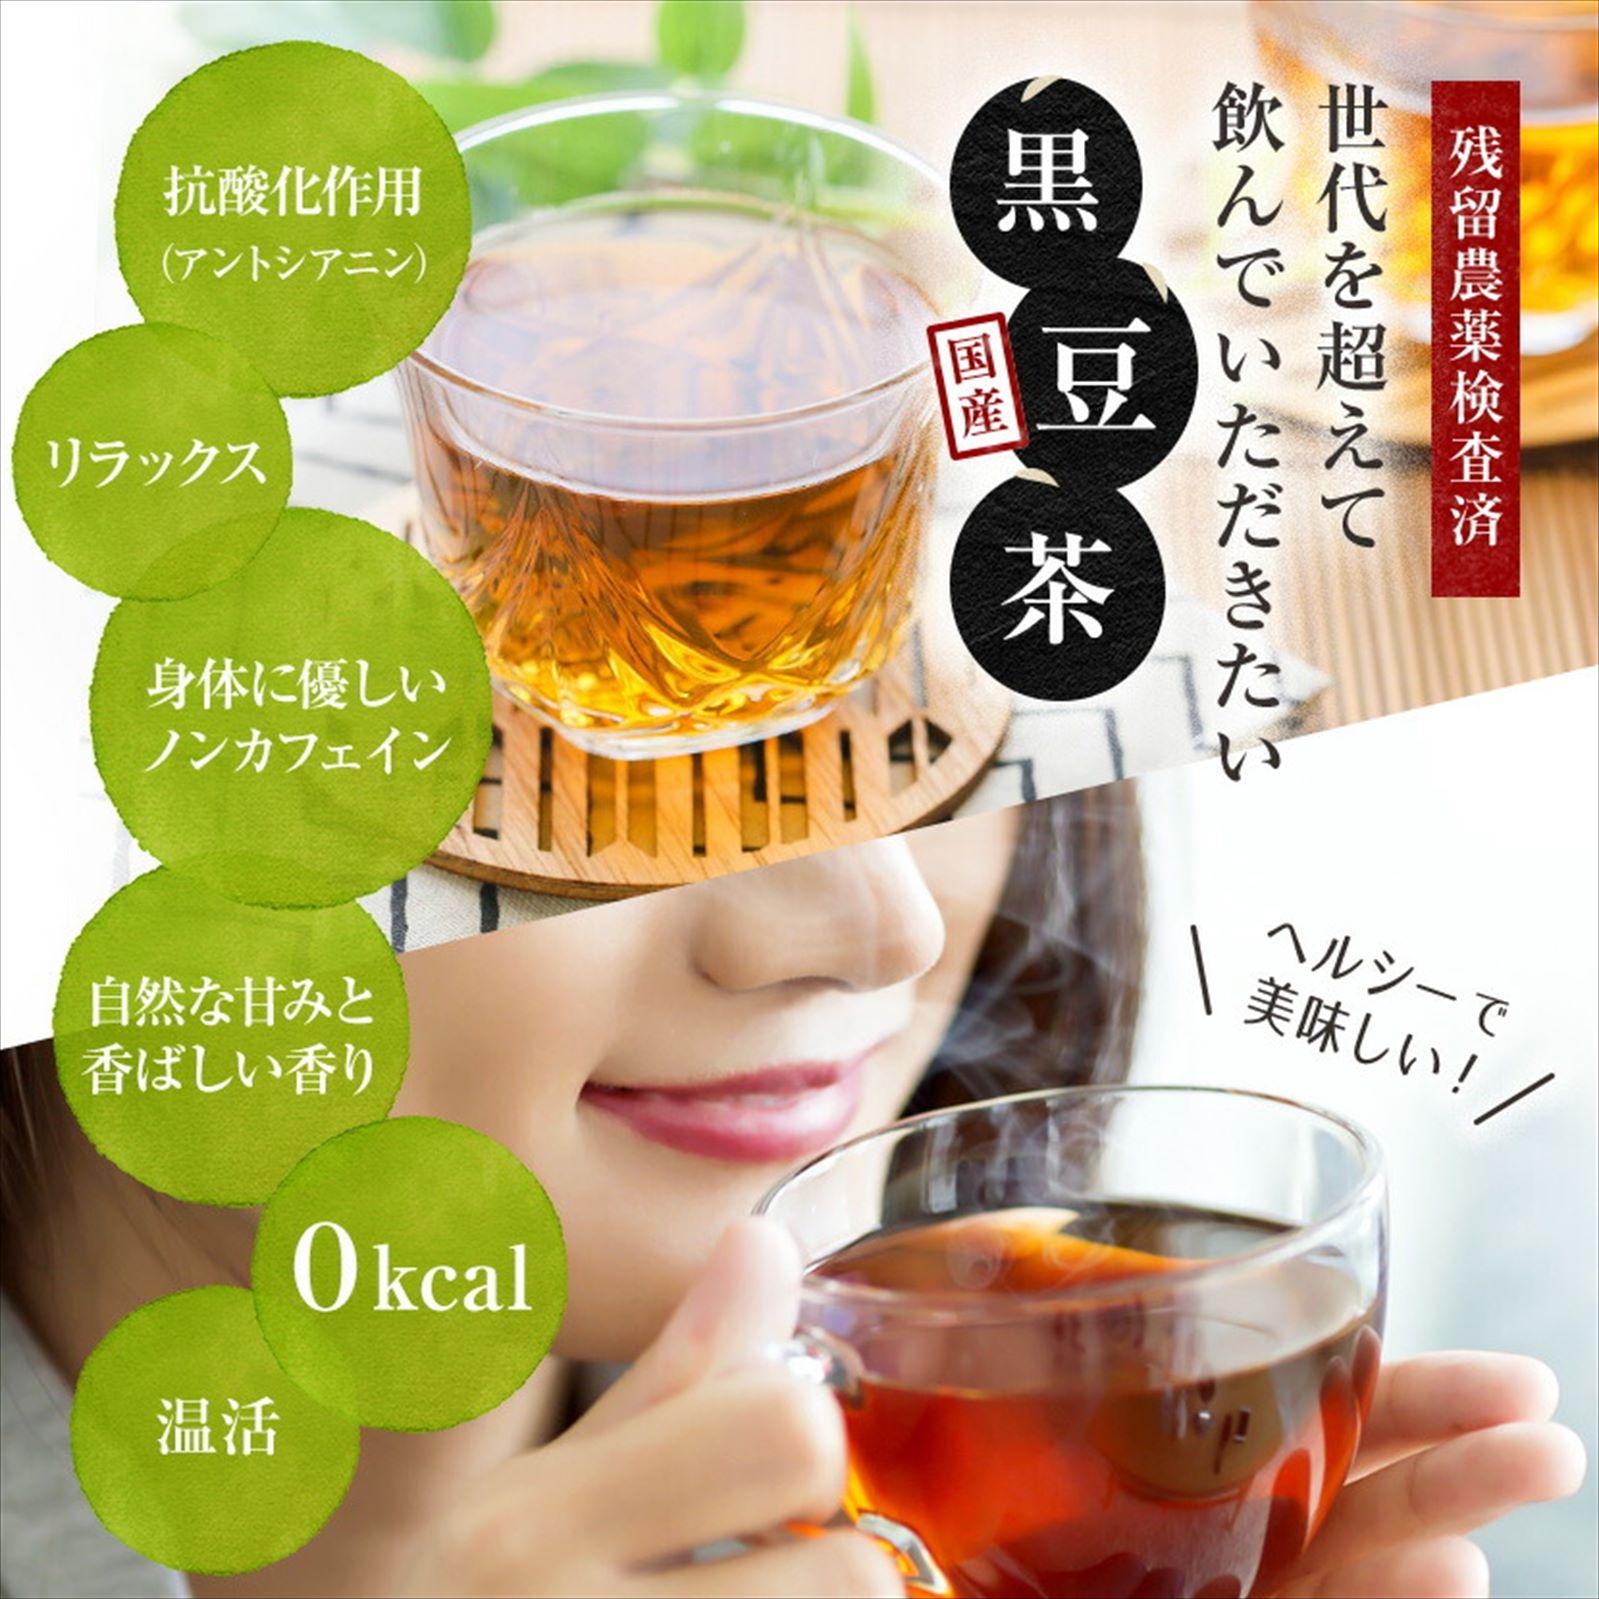 黒豆茶 (国産黒豆茶)300g(3g×100包(目安包数))入り 送料無料! 黒豆茶(国産)300gティーバッグ300g(3g×100包(目安包数))で1,200円!北海道産黒豆茶/クロマメ茶/くろまめ茶 お取り寄せ お取り寄せグルメ